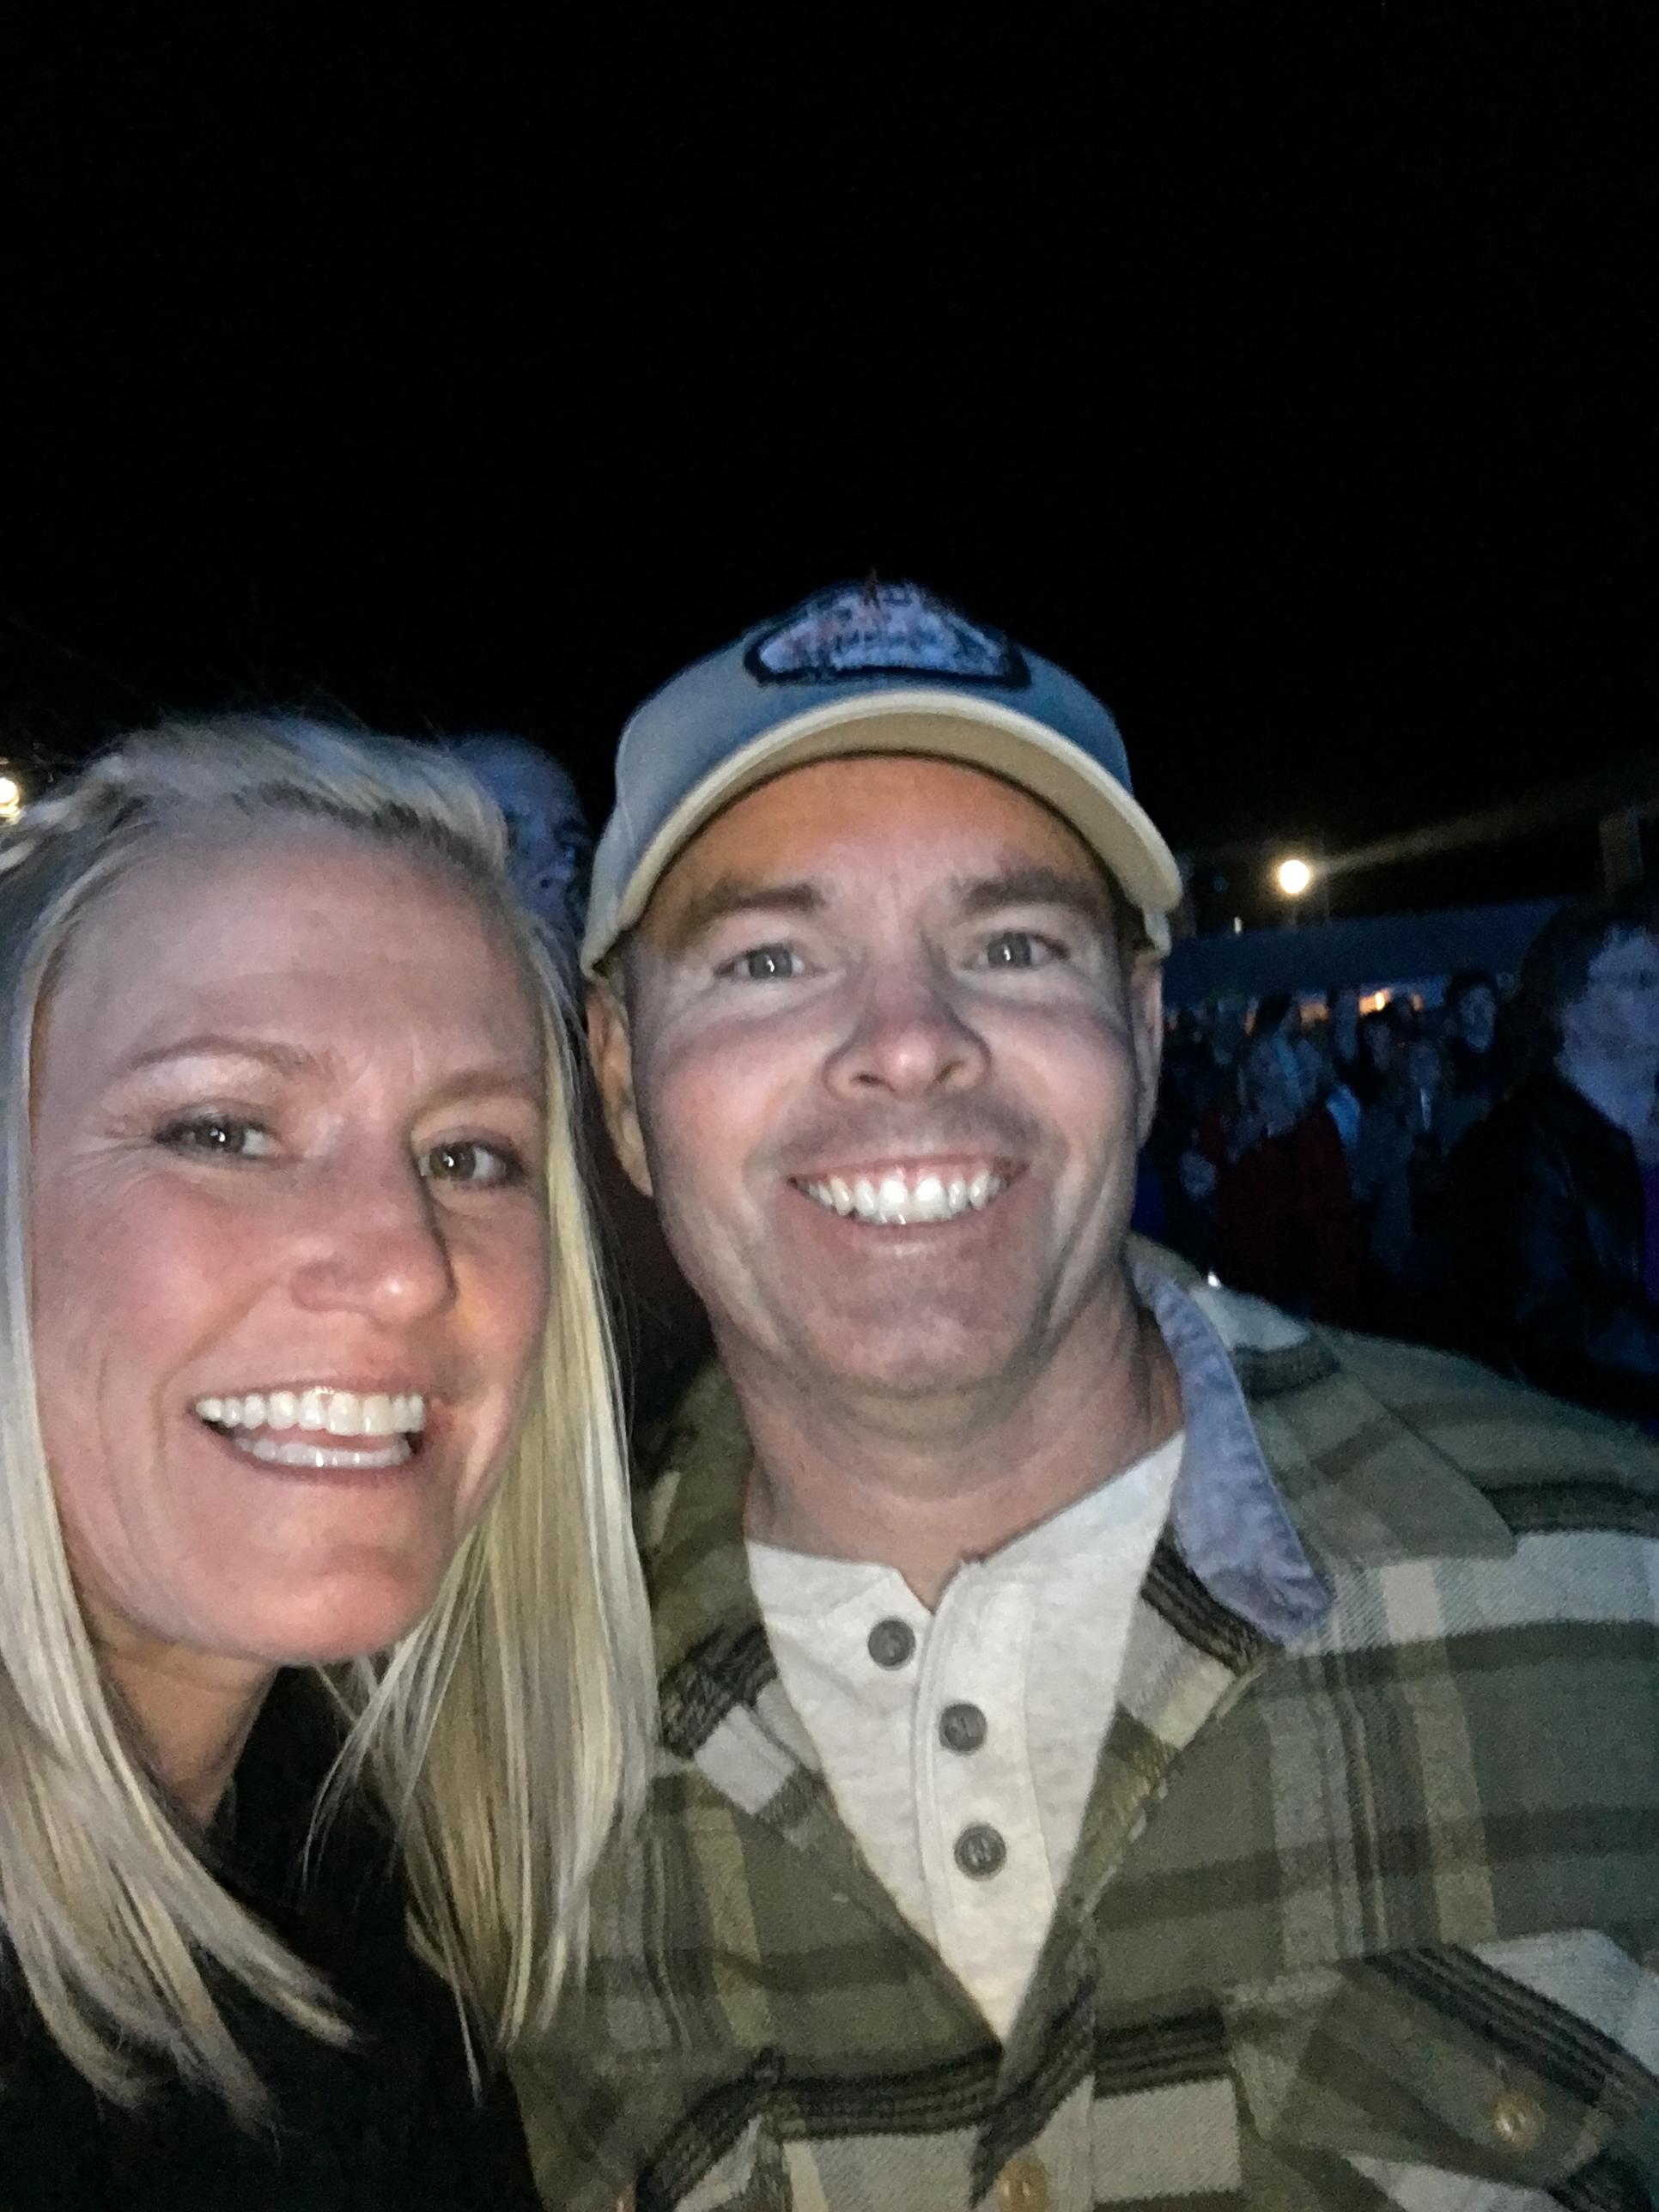 Enjoying the Dierks Bentley concert.